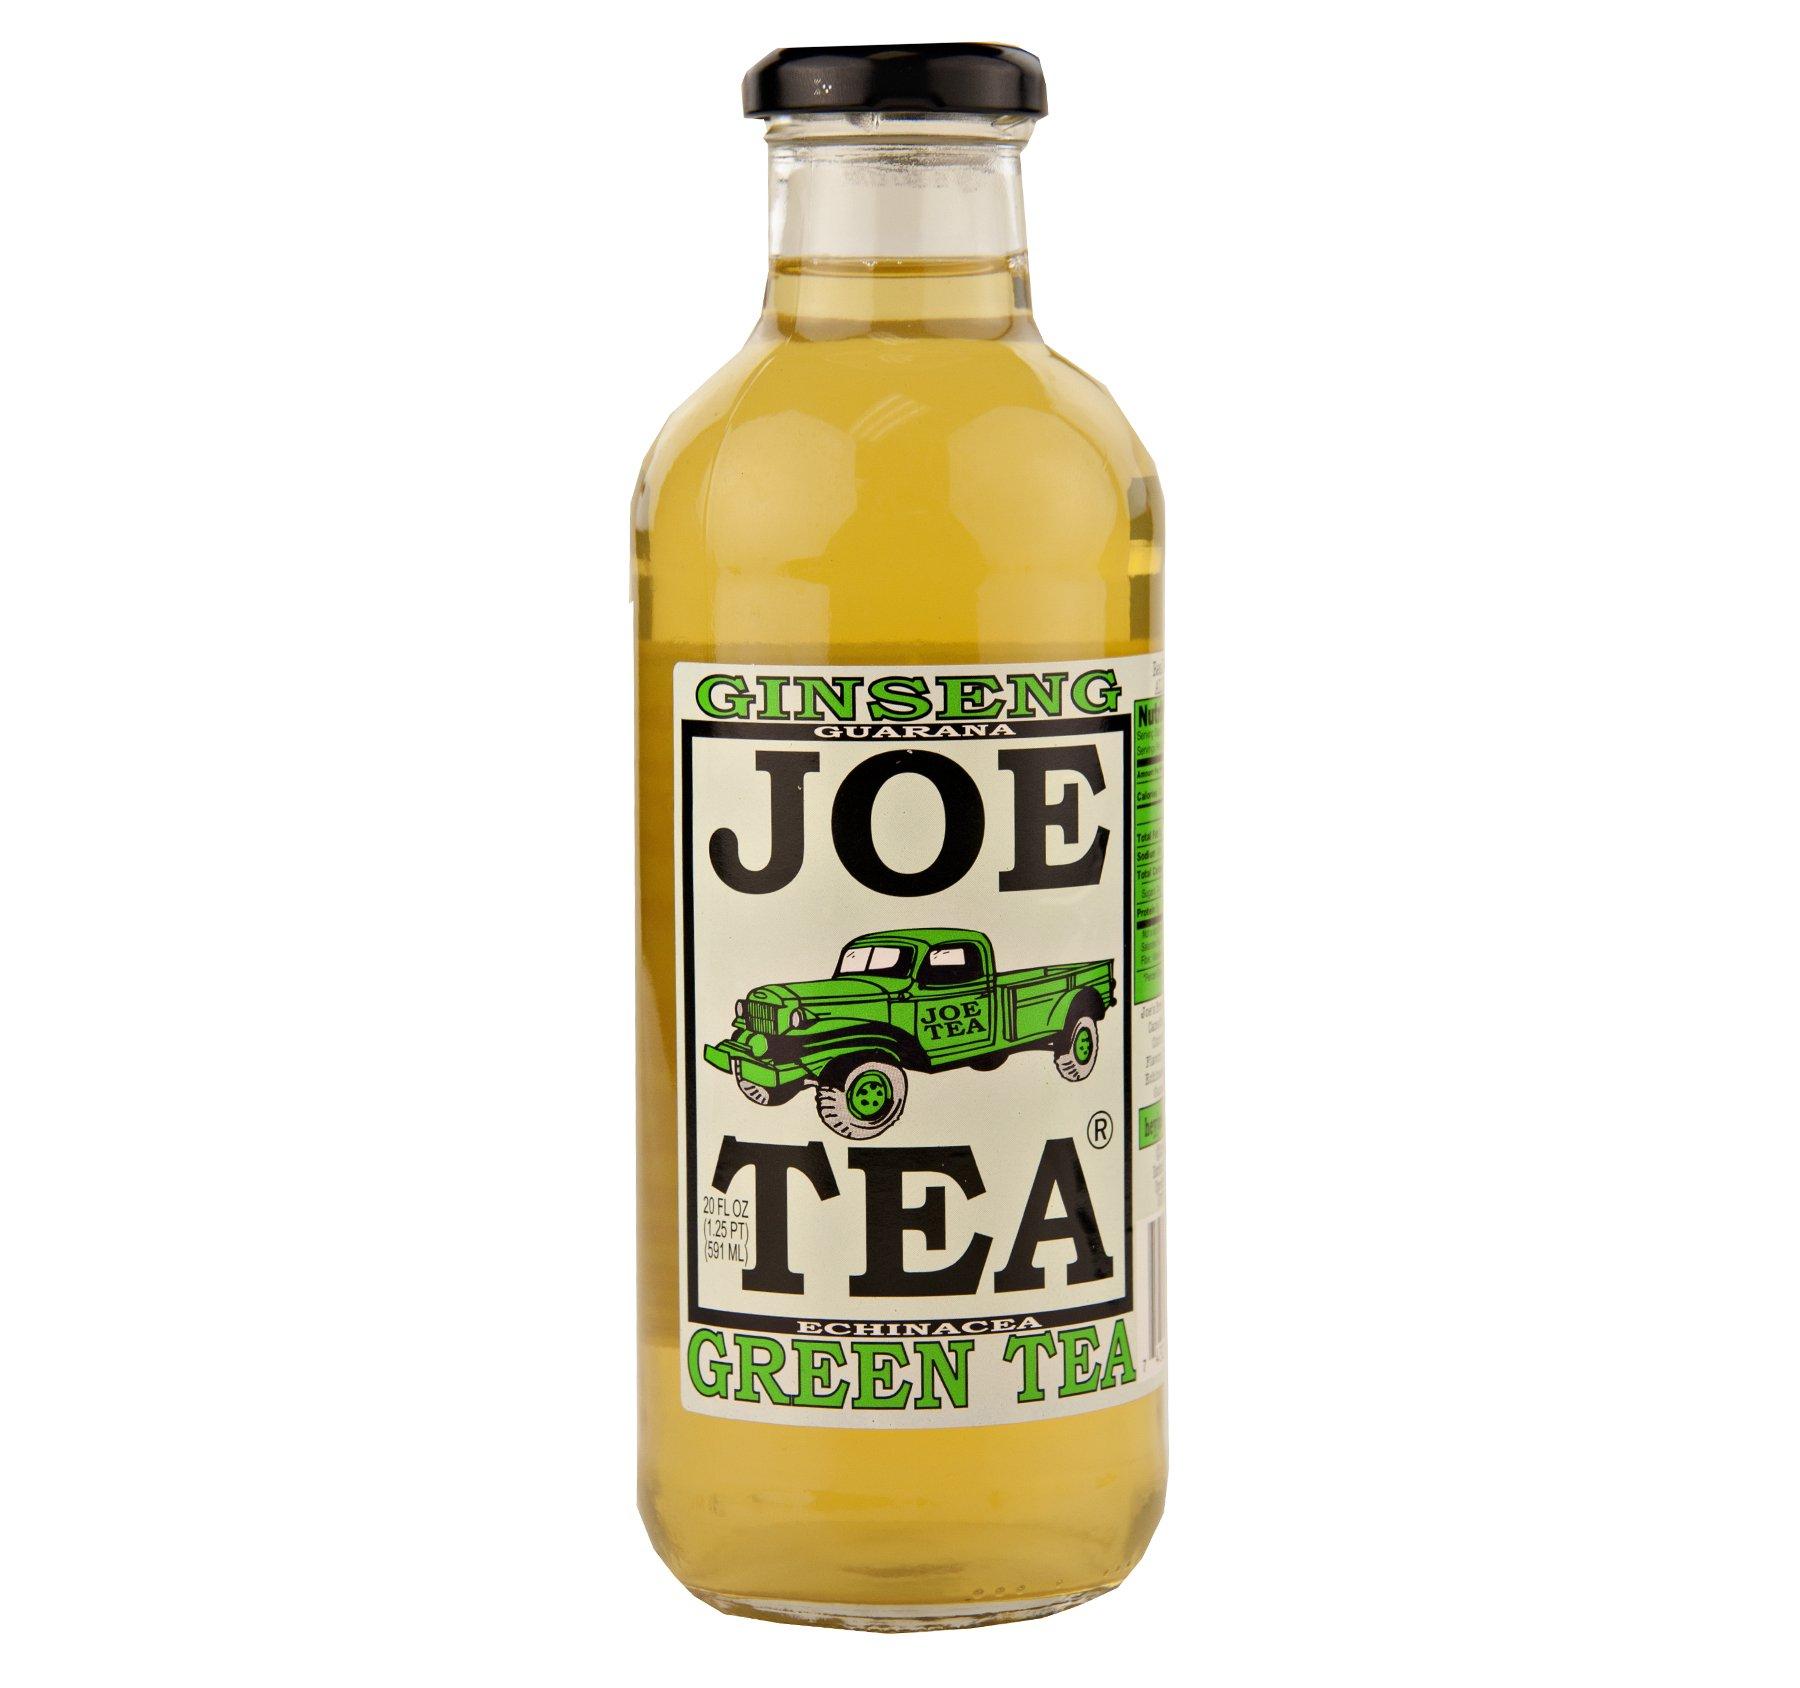 Joe Tea Ginseng Green Tea 20 oz. Bottle (12 Bottles) by Joe Tea